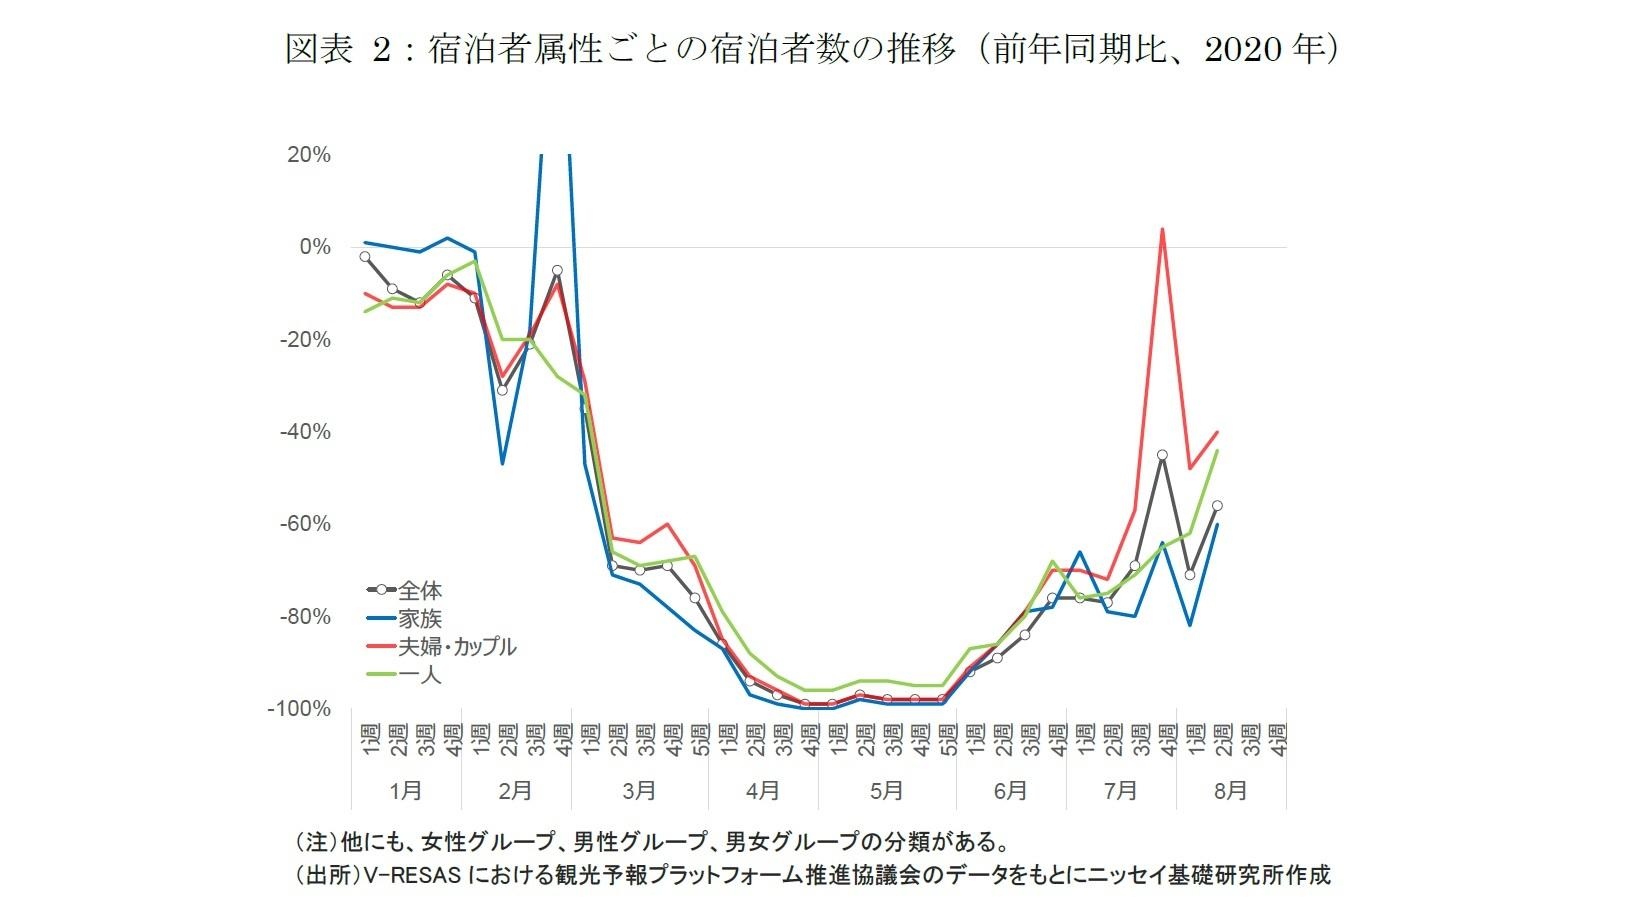 図表 2:宿泊者属性ごとの宿泊者数の推移(前年同期比、2020 年)